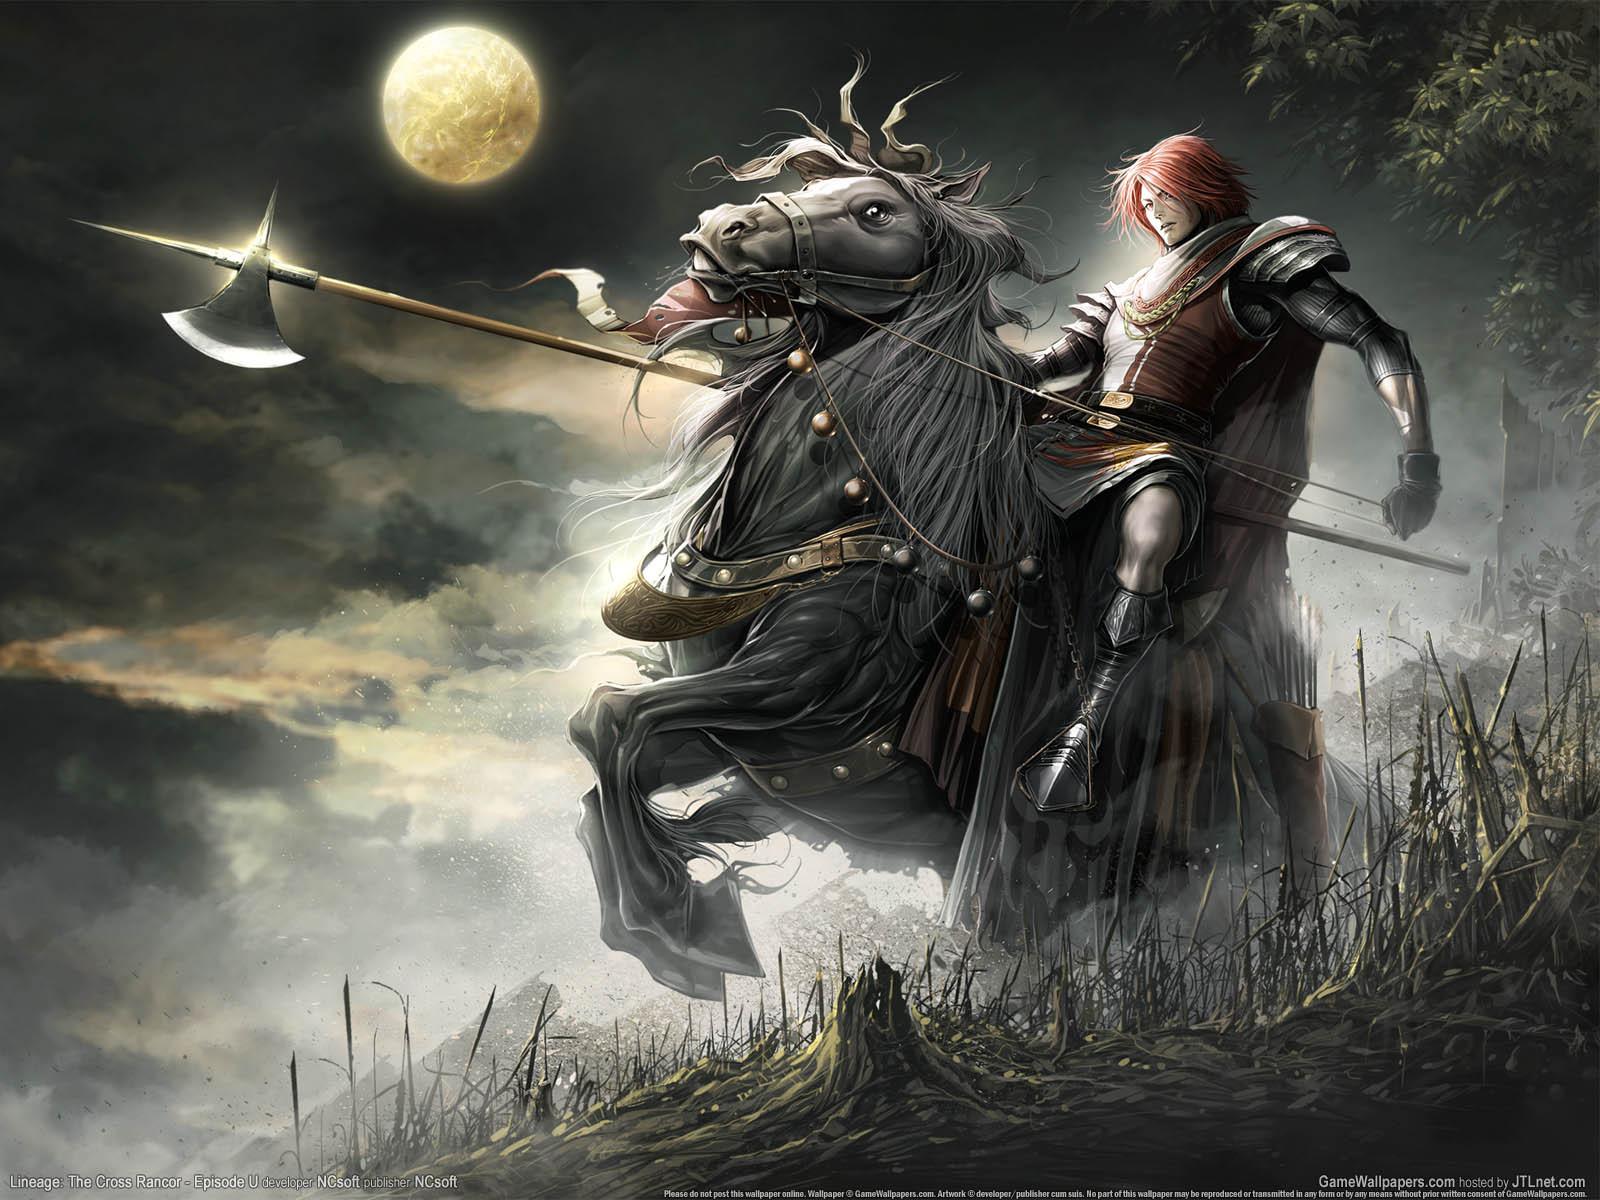 Рыцарь на коне с алебардой, скачать фото, рисунок